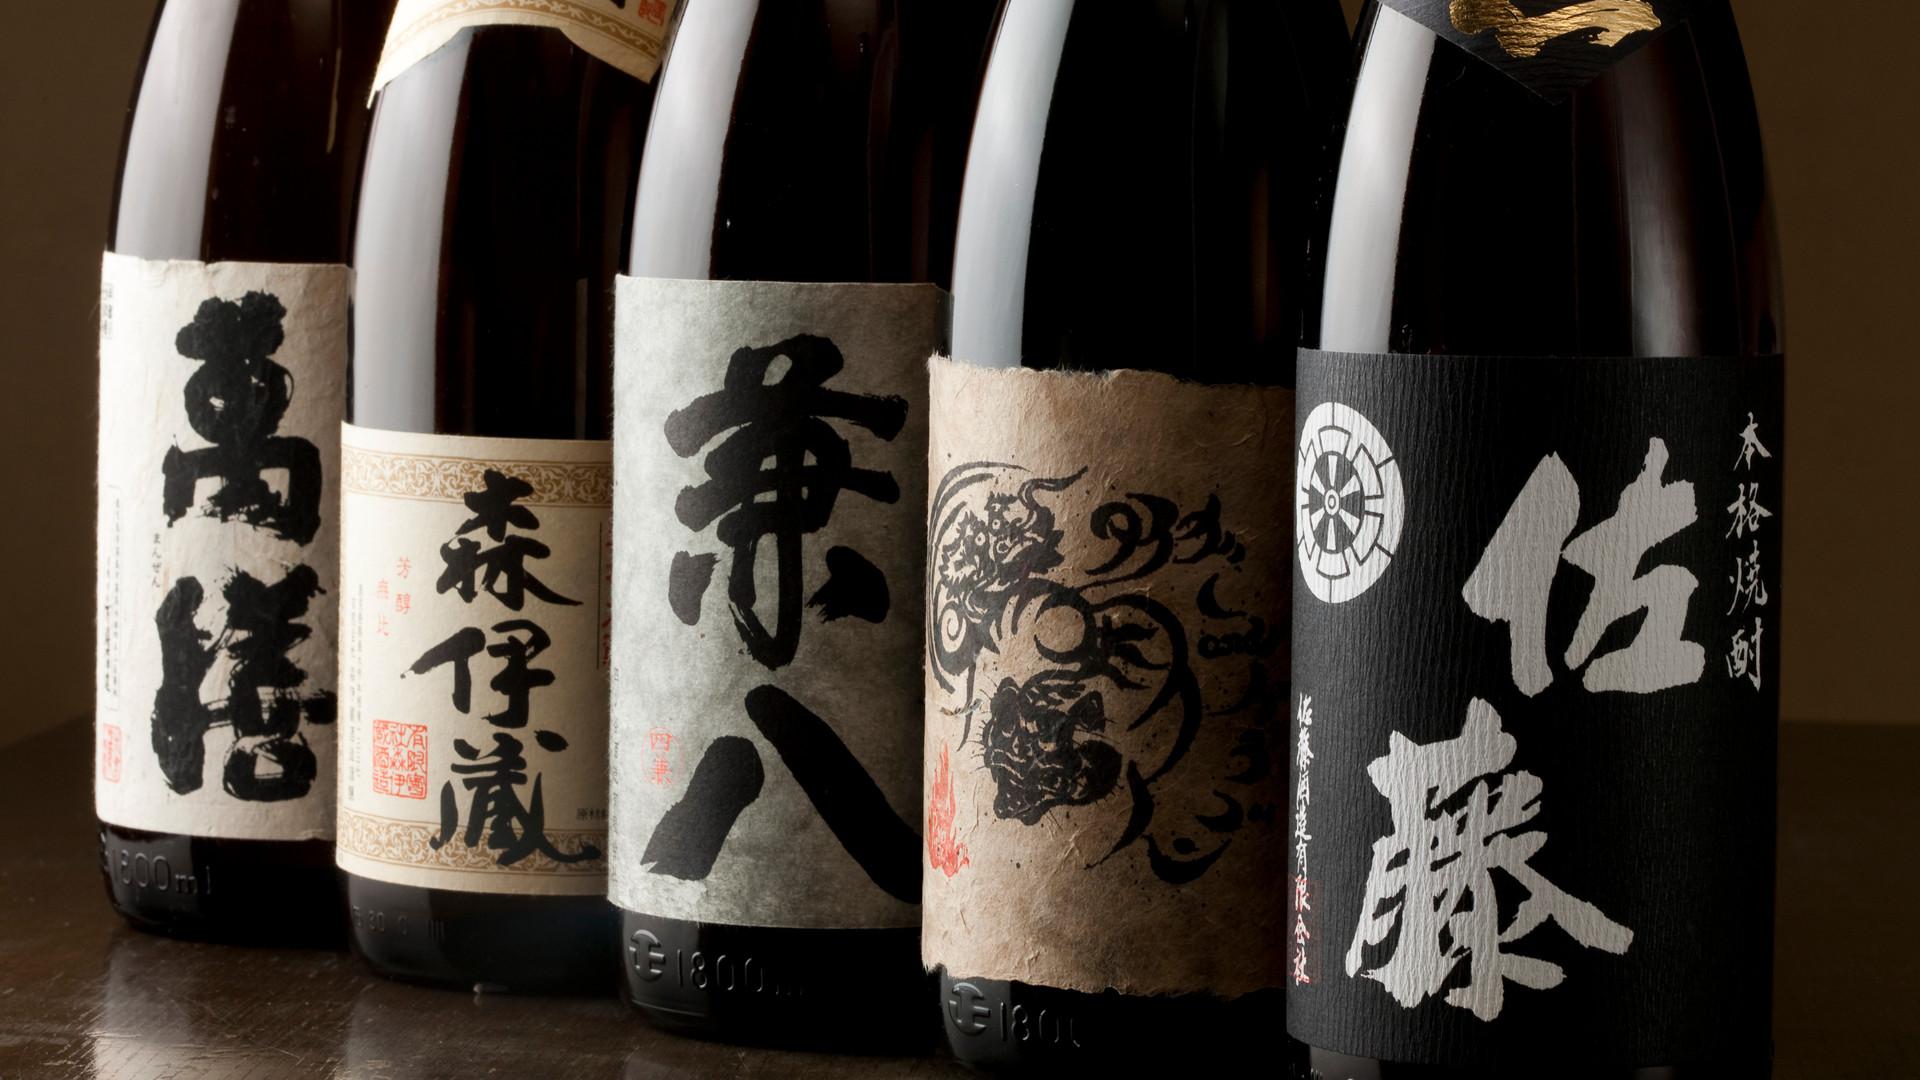 本格焼酎は100種超、森伊蔵・魔王・村尾など、 プレミアム焼酎も多数ご用意いたしております。